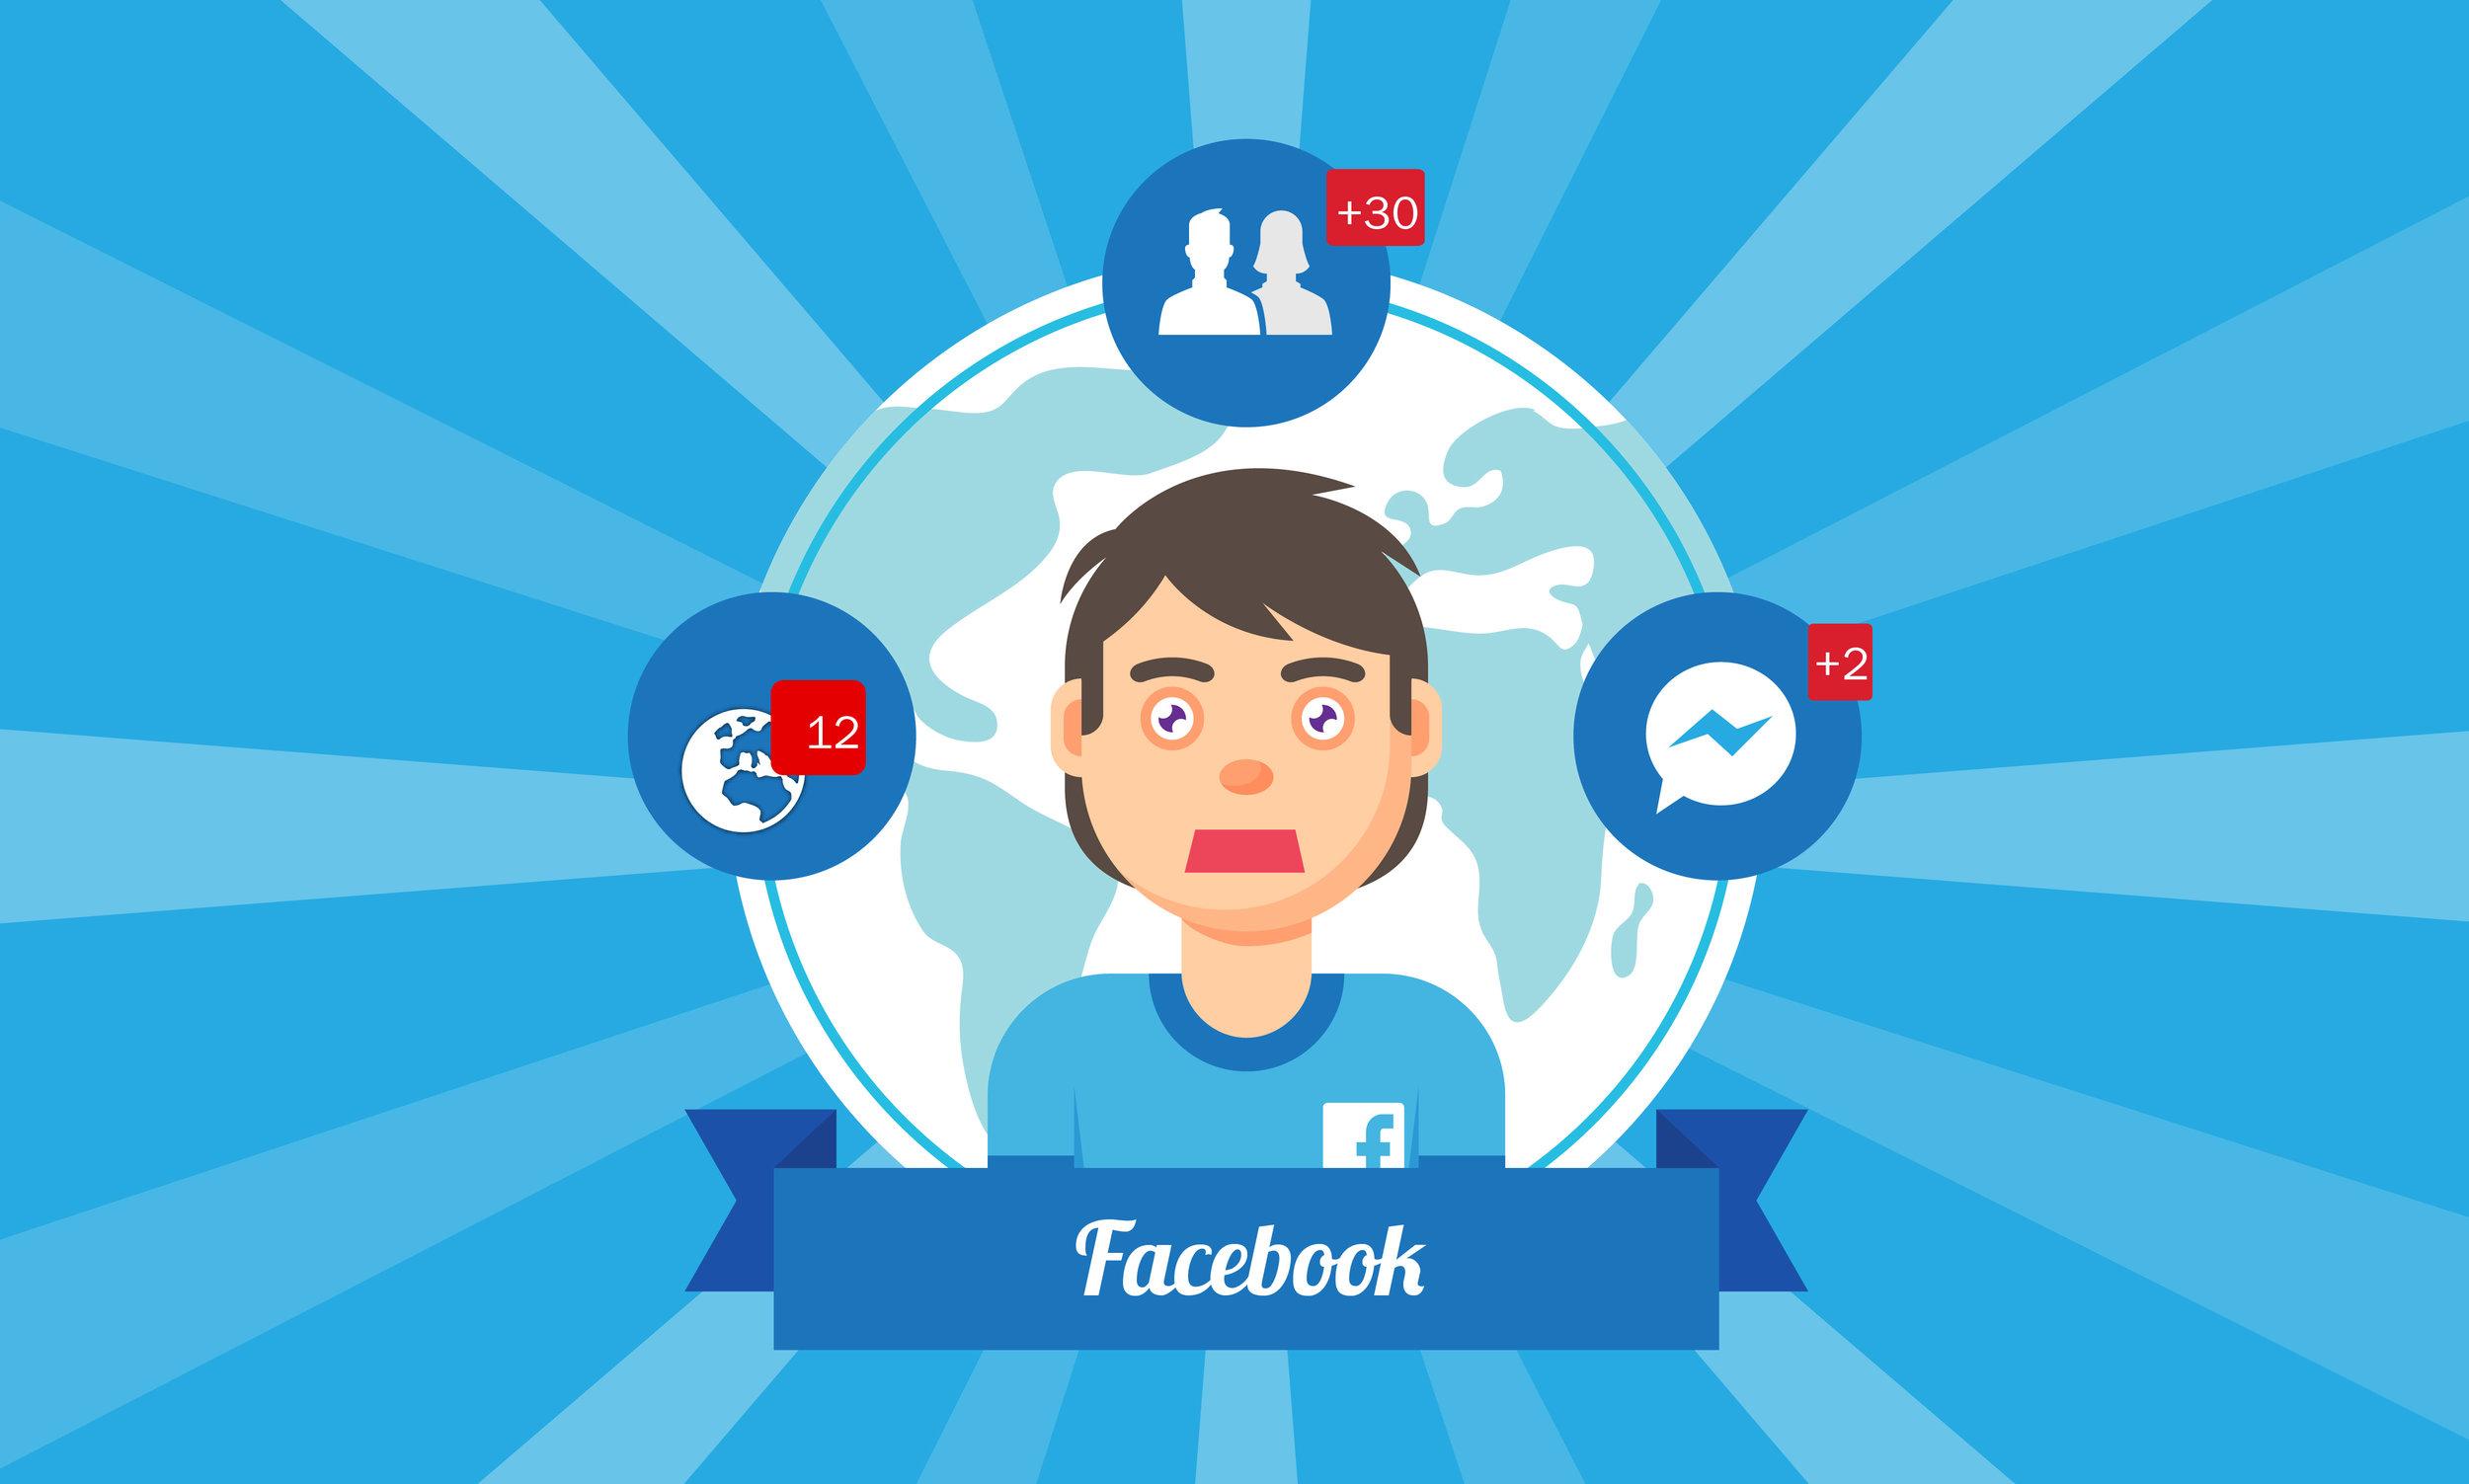 - Tôi đã từng có một tài khoản Facebook và đã xóa nó cách đây vài năm. Gần đây, tôi mới tạo một tài khoản Facebook mới với email hoàn toàn khác chỉ để chơi game miễn phí, không kết bạn với ai cả.